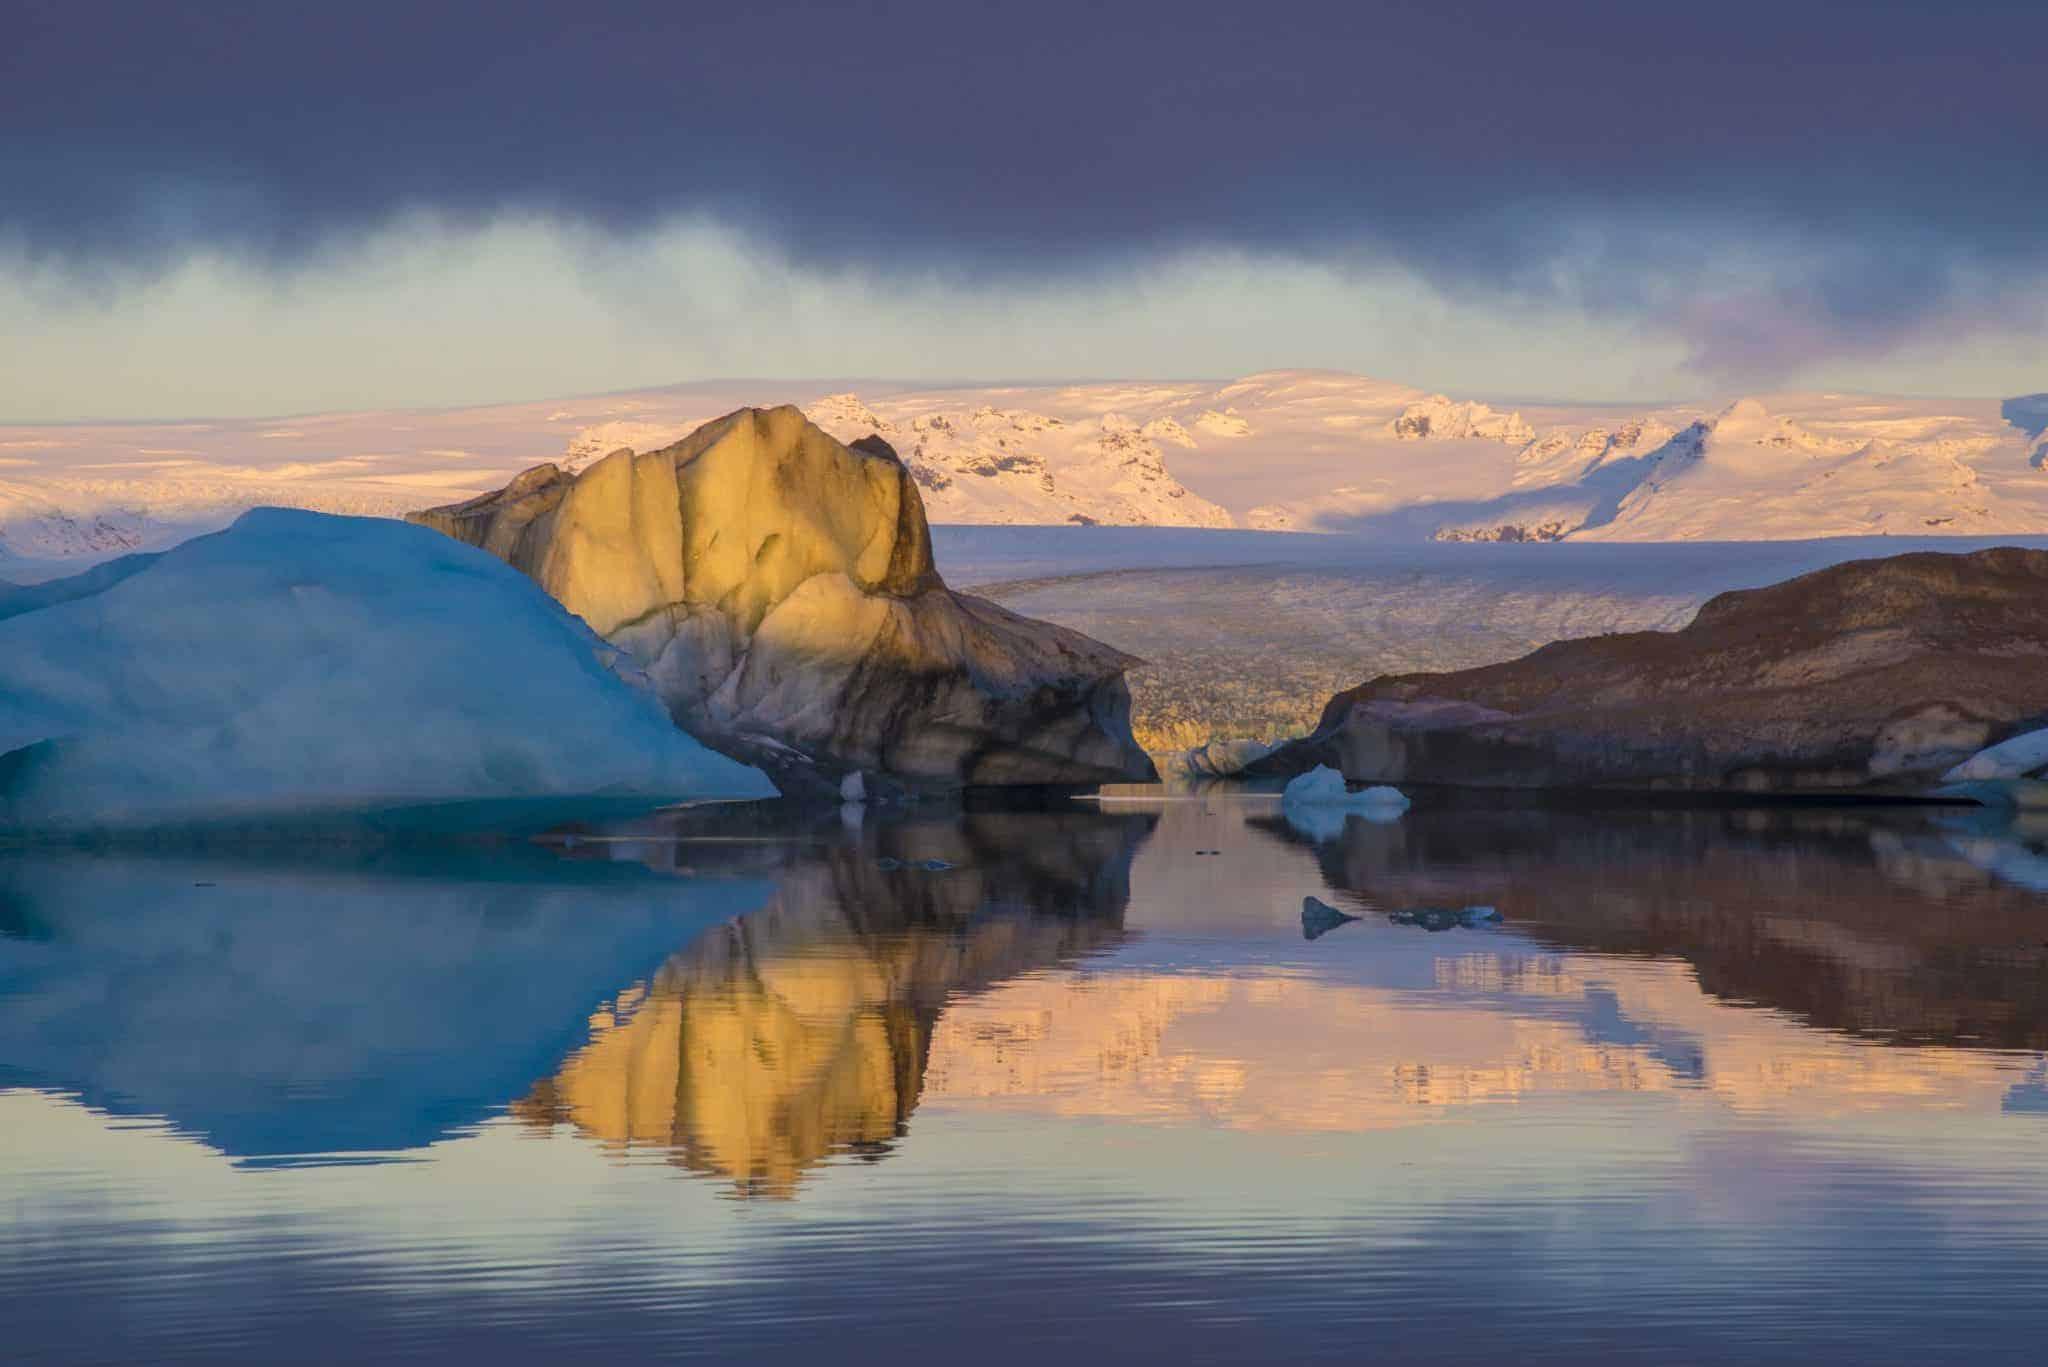 IJsschotsenmeer Jökulsárlón in ochtendlicht - Fotoreis IJsland